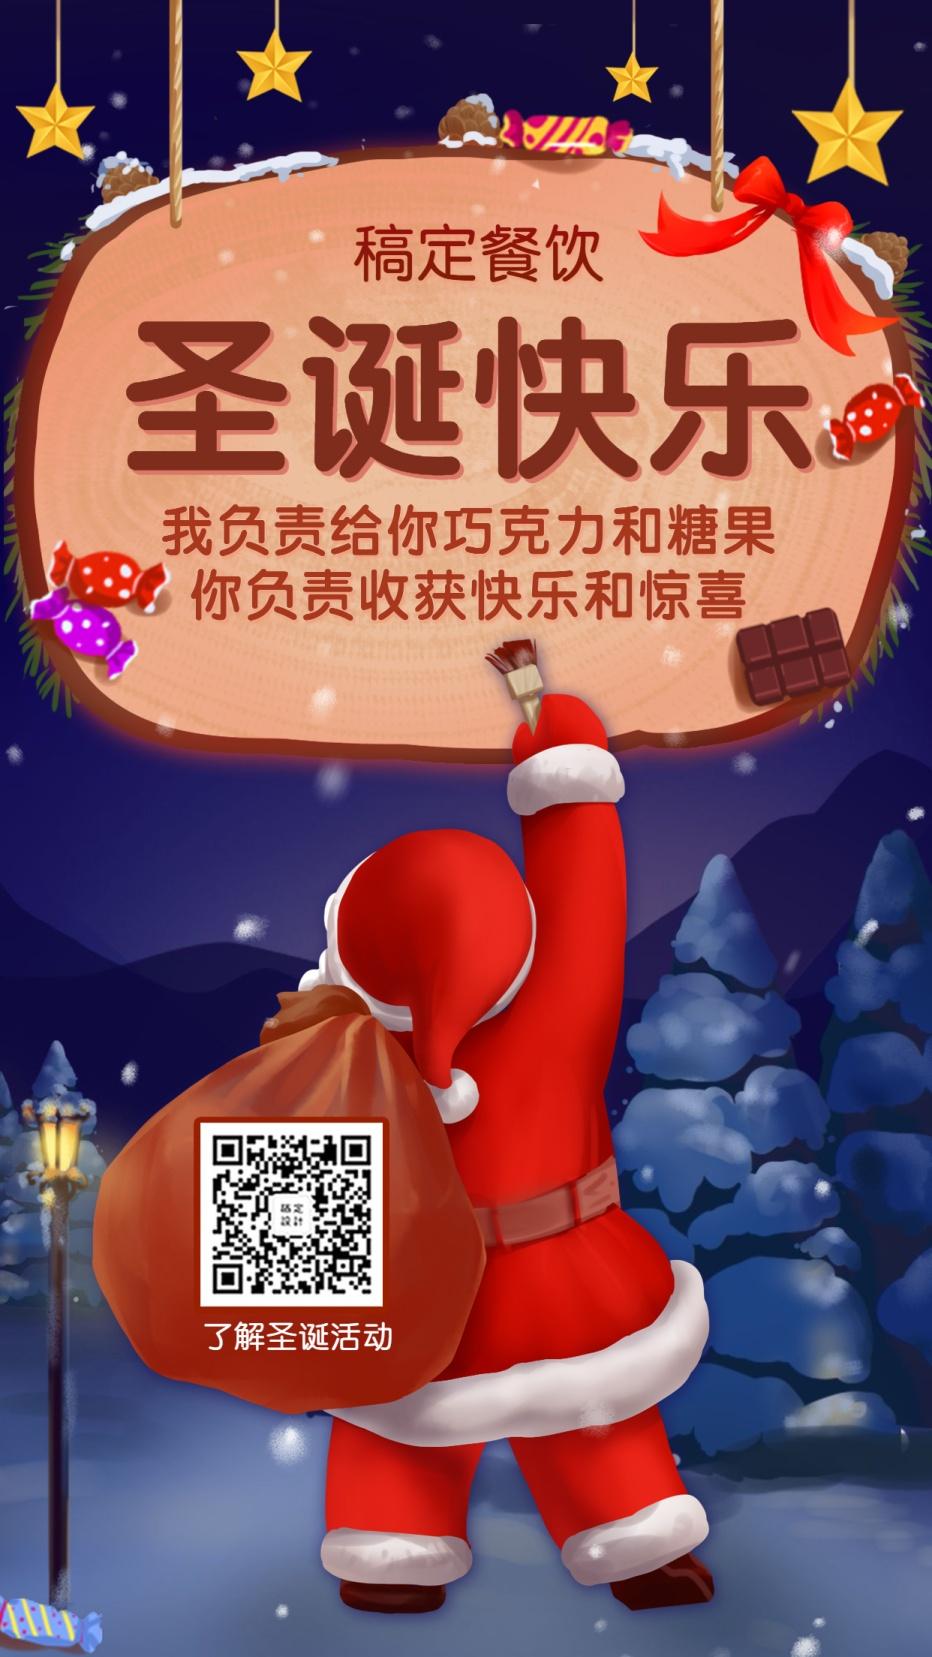 圣诞节祝福/餐饮美食/手绘创意/手机海报